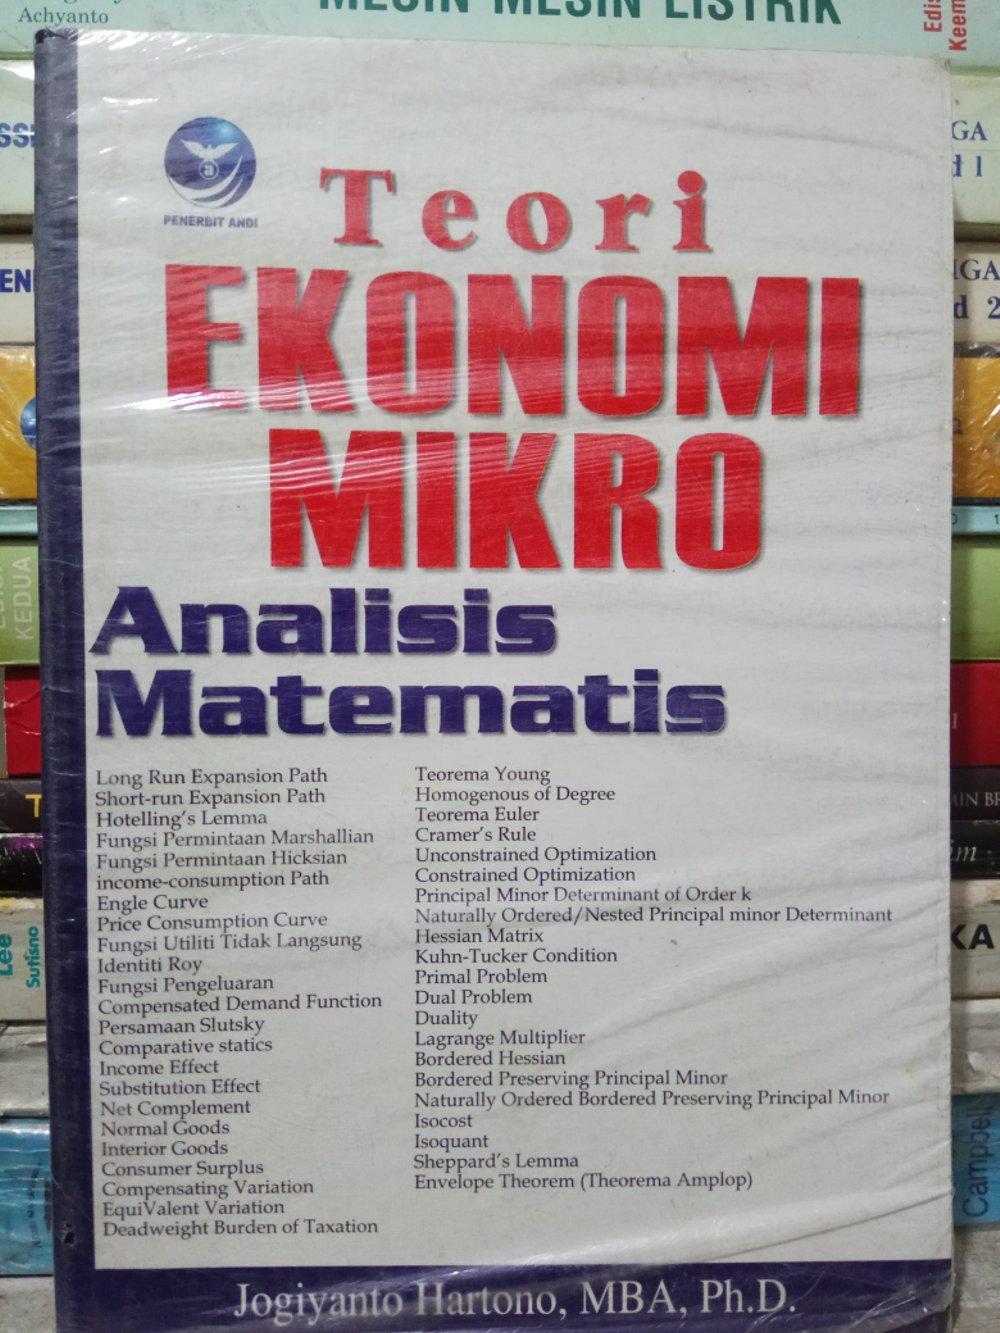 Buku Teori Ekonomi Mikro Analisis Matematis - Jogiyanto Hartono